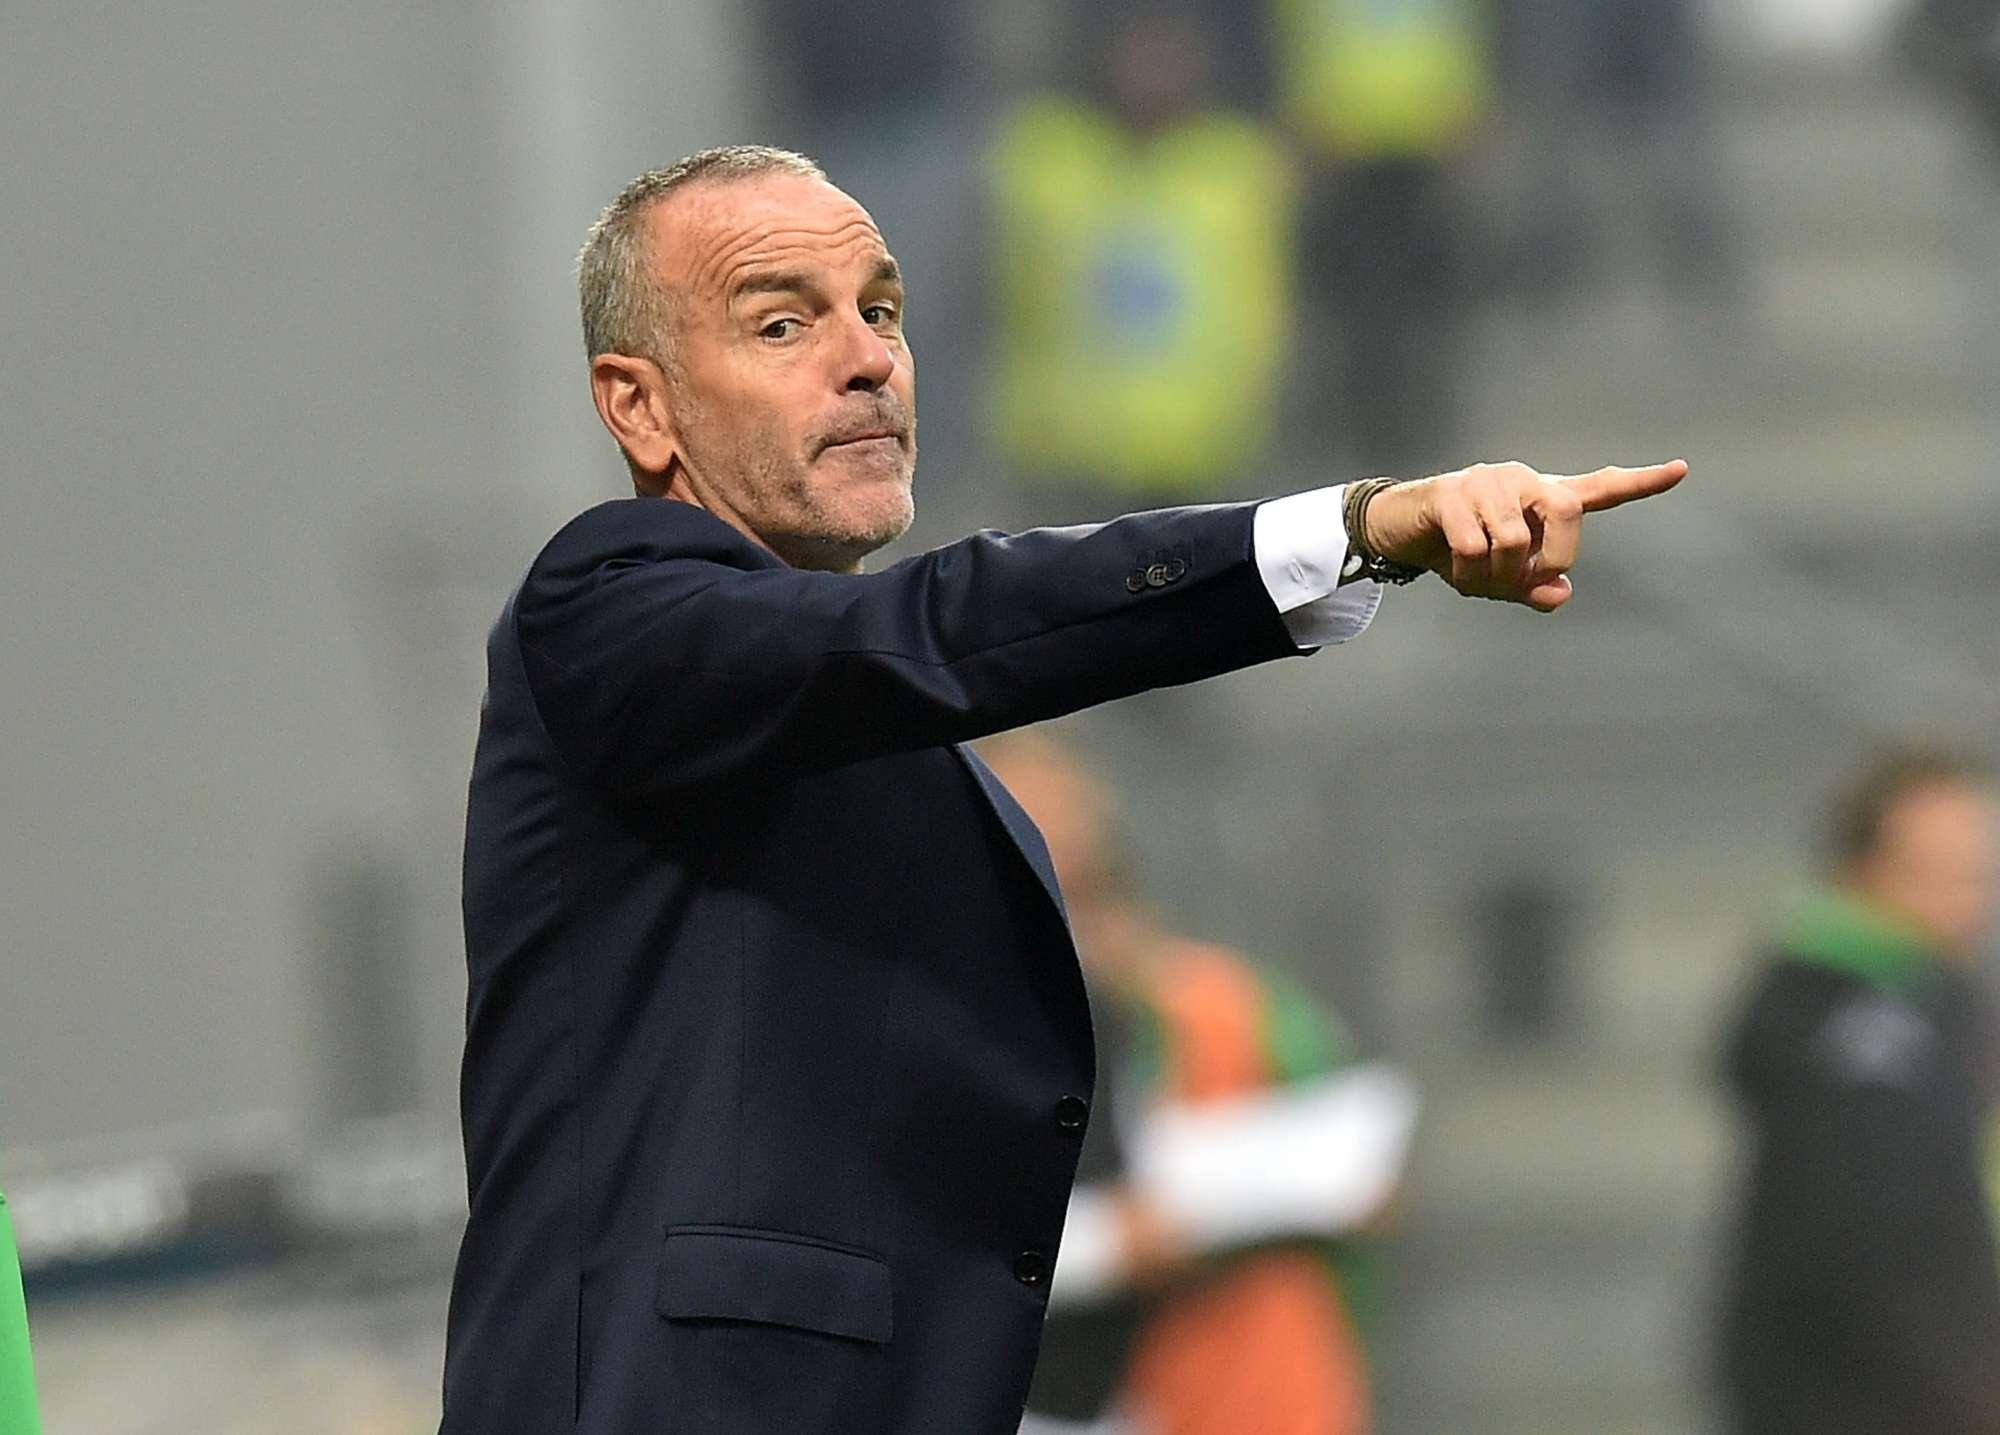 Il tecnico della Lazio ha ritrovato stabilità sulla propria panchina